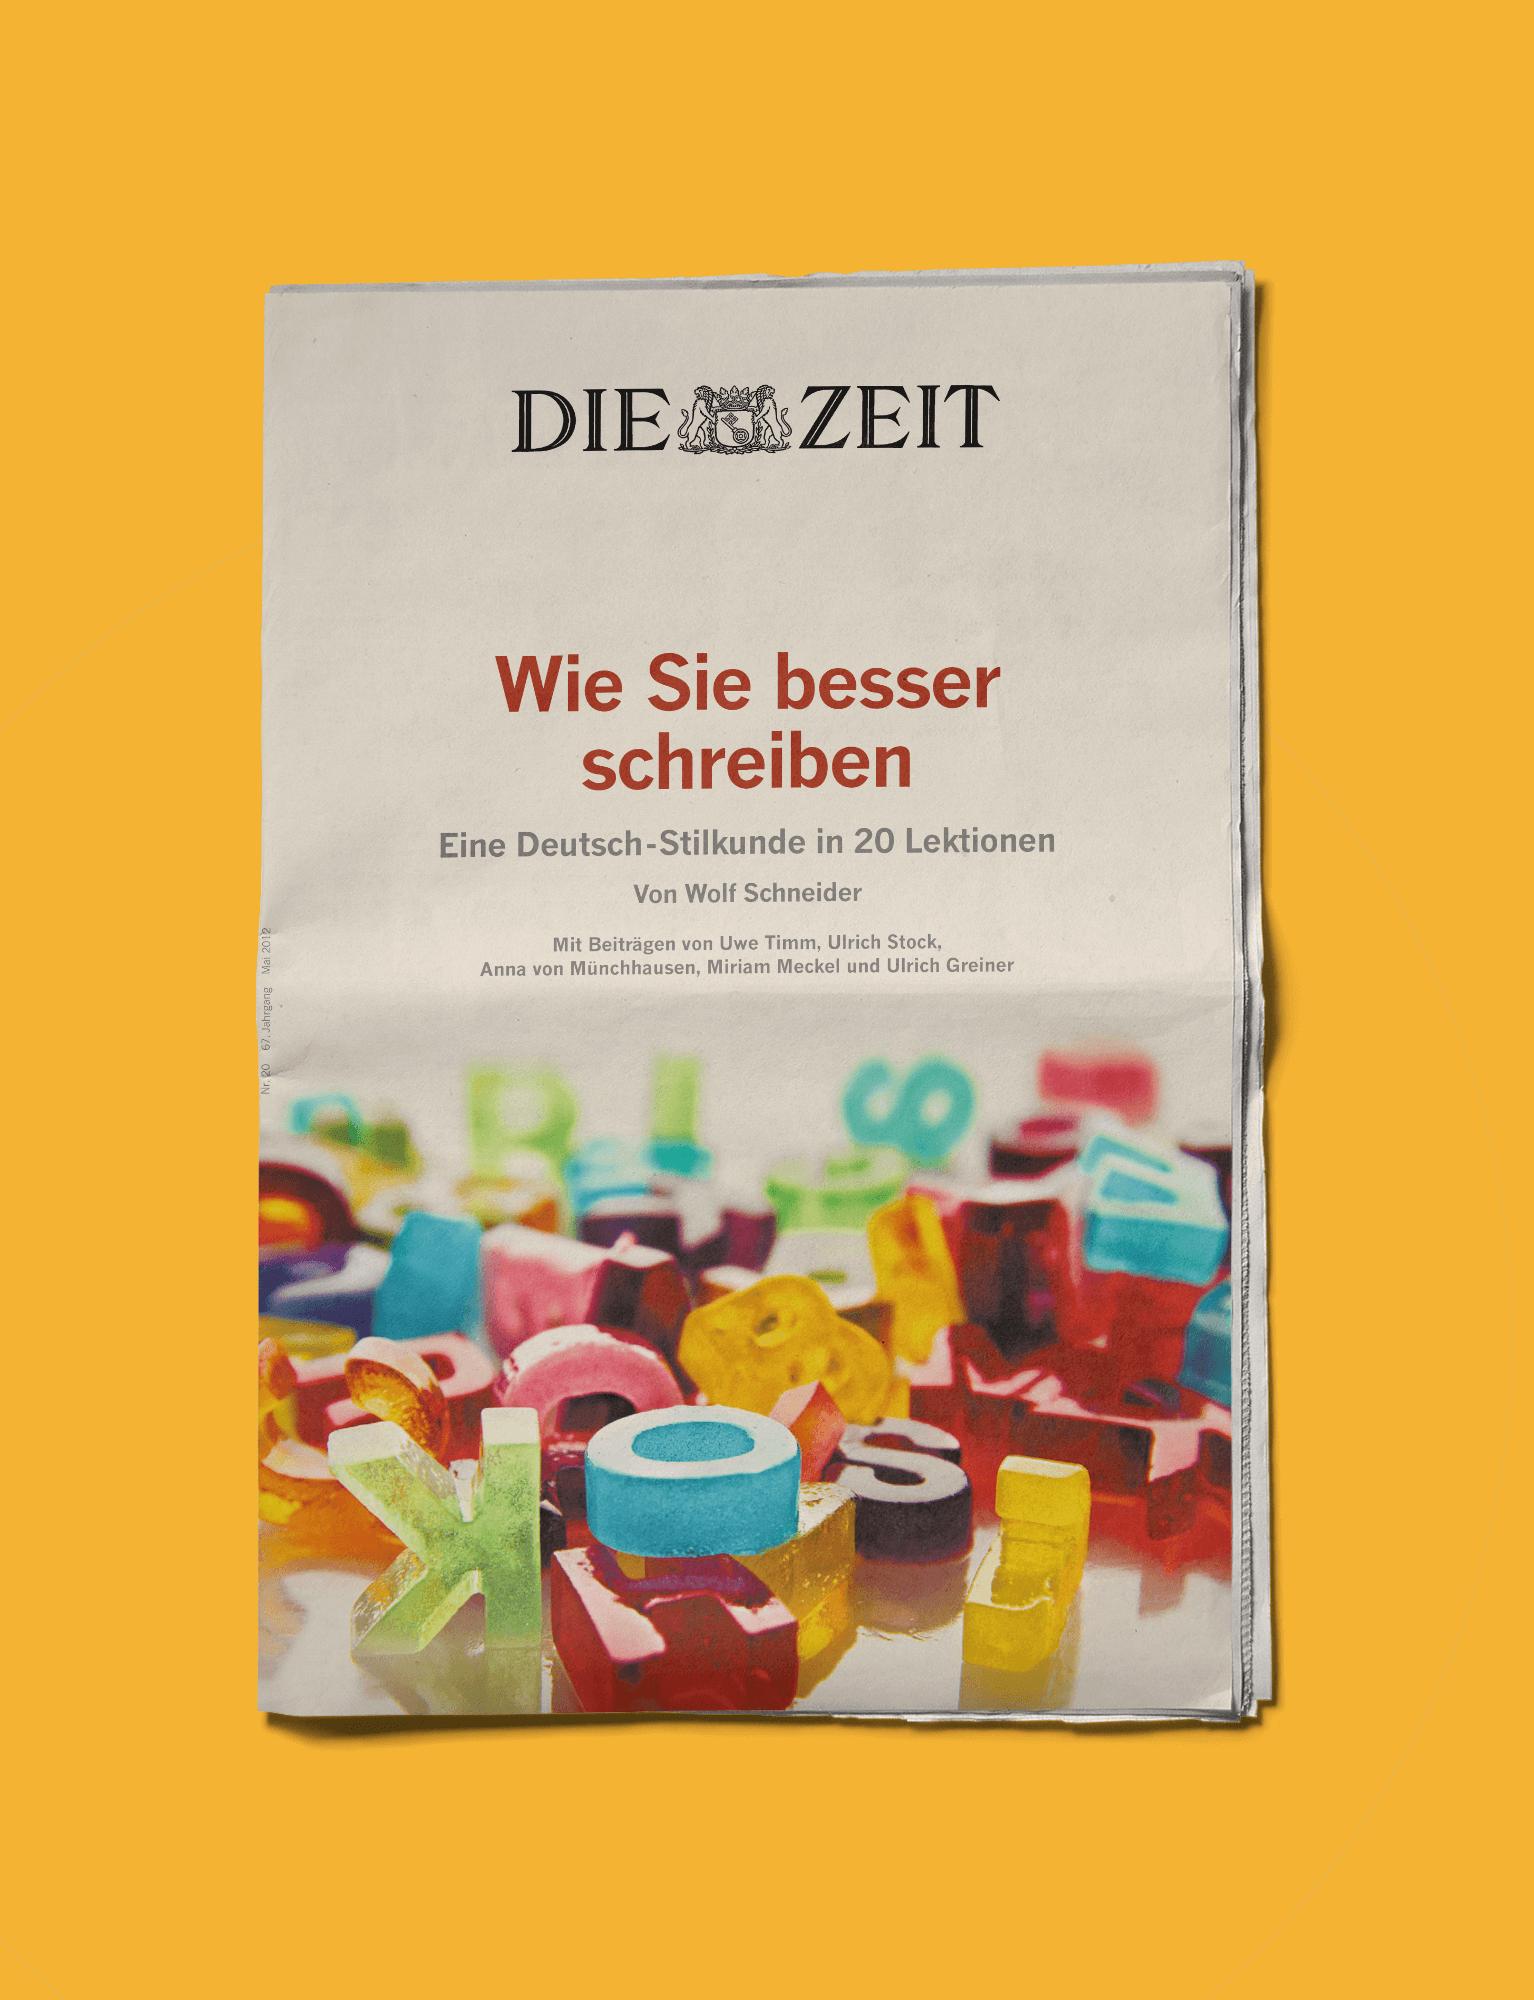 Die Zeit Cover Newspaper